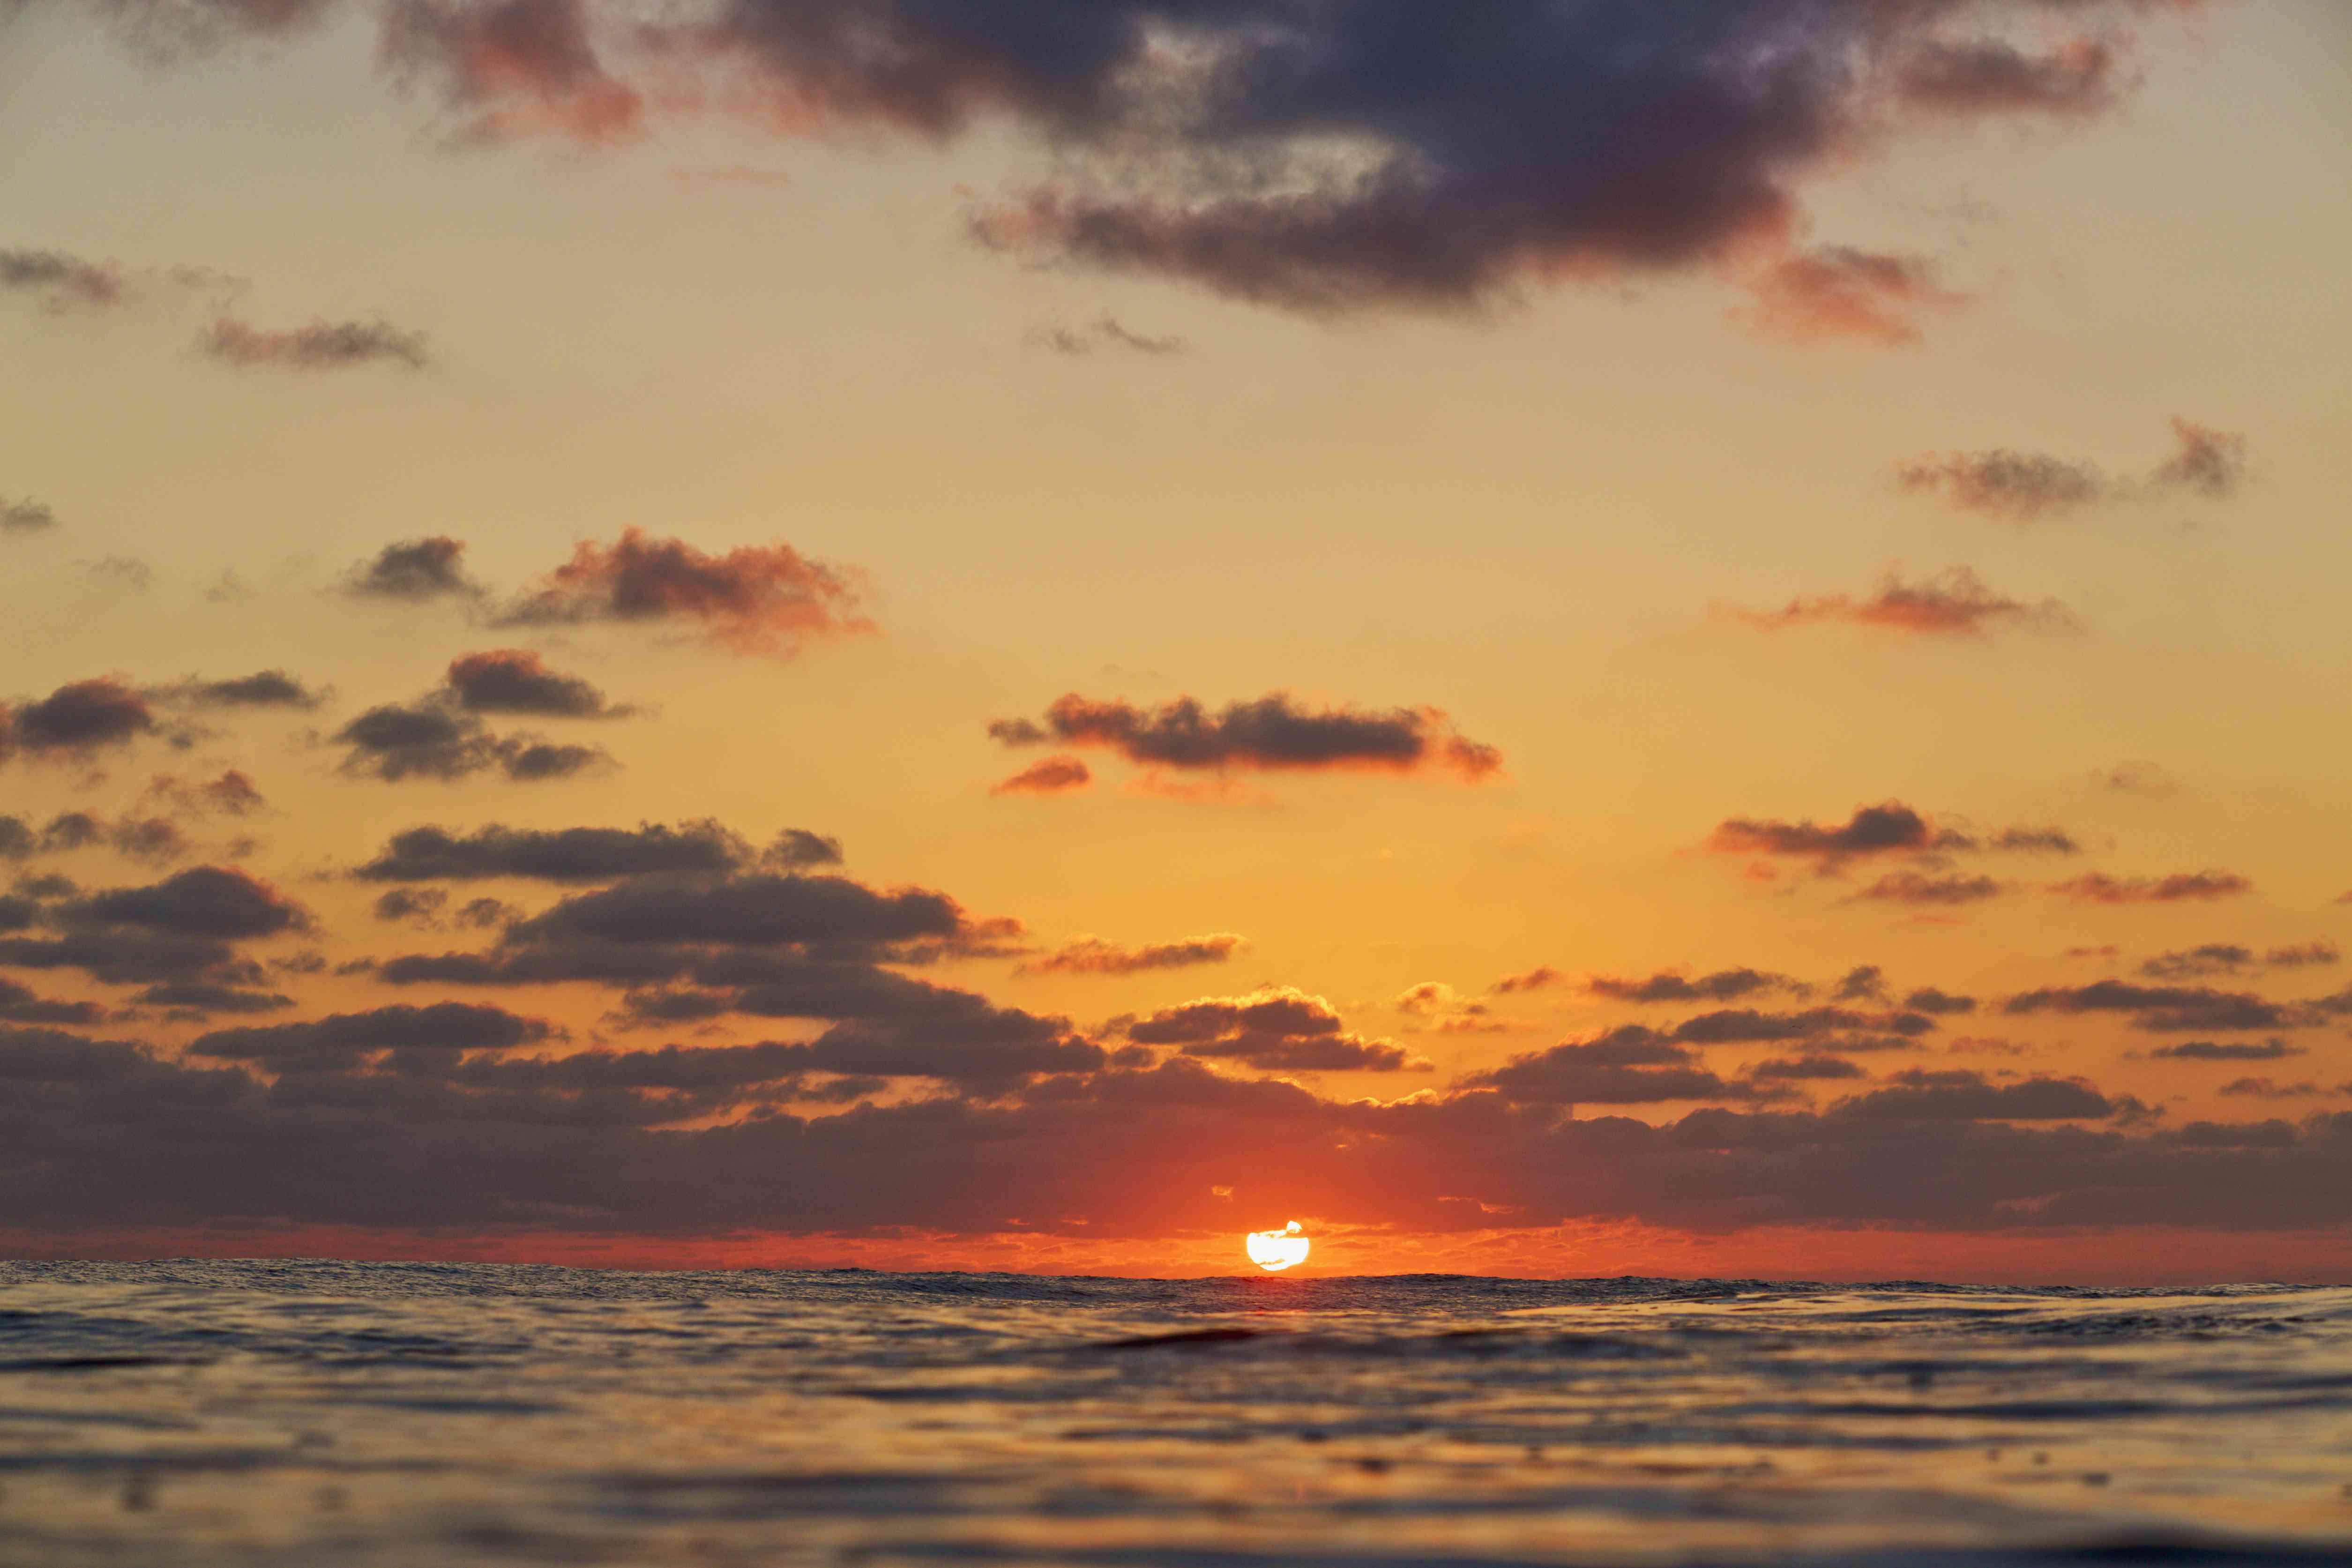 Puesta de sol sobre el horizonte del océano, Punta de Mita, Nayarit, México